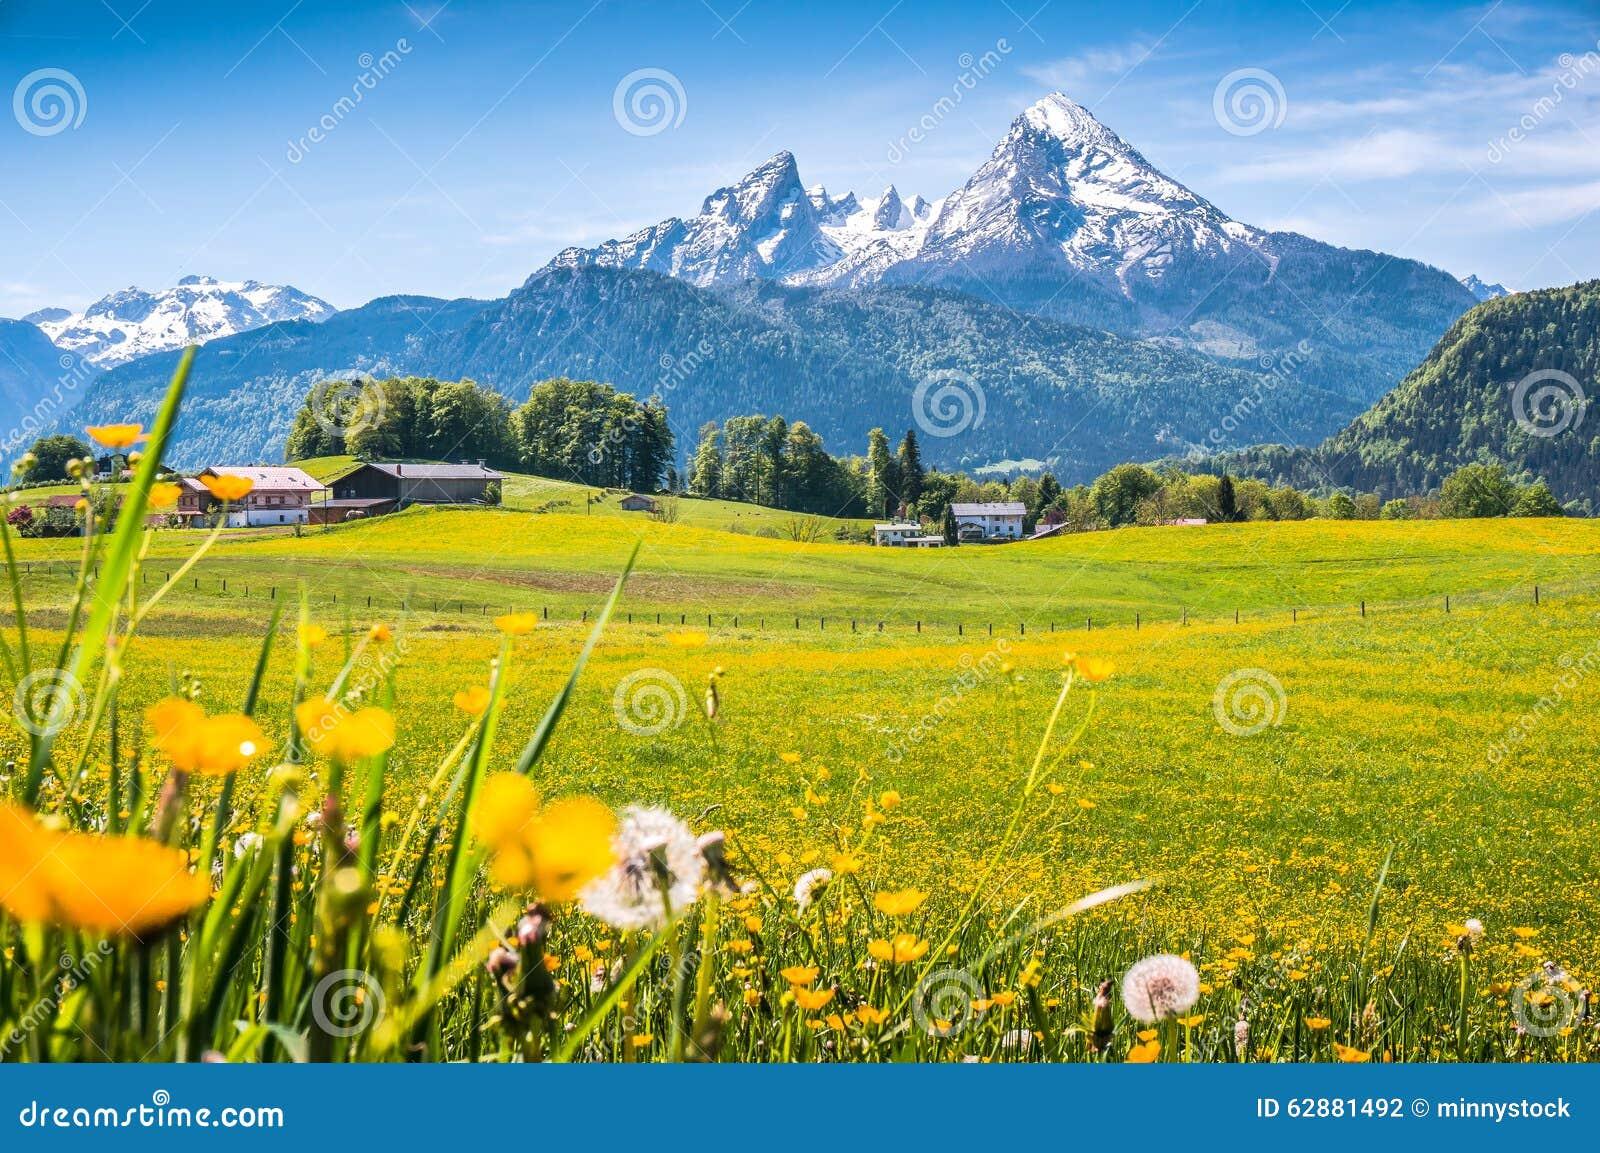 Idyllische alpine Landschaft mit grünen Wiesen, Bauernhäusern und Oberteilen des schneebedeckten Bergs